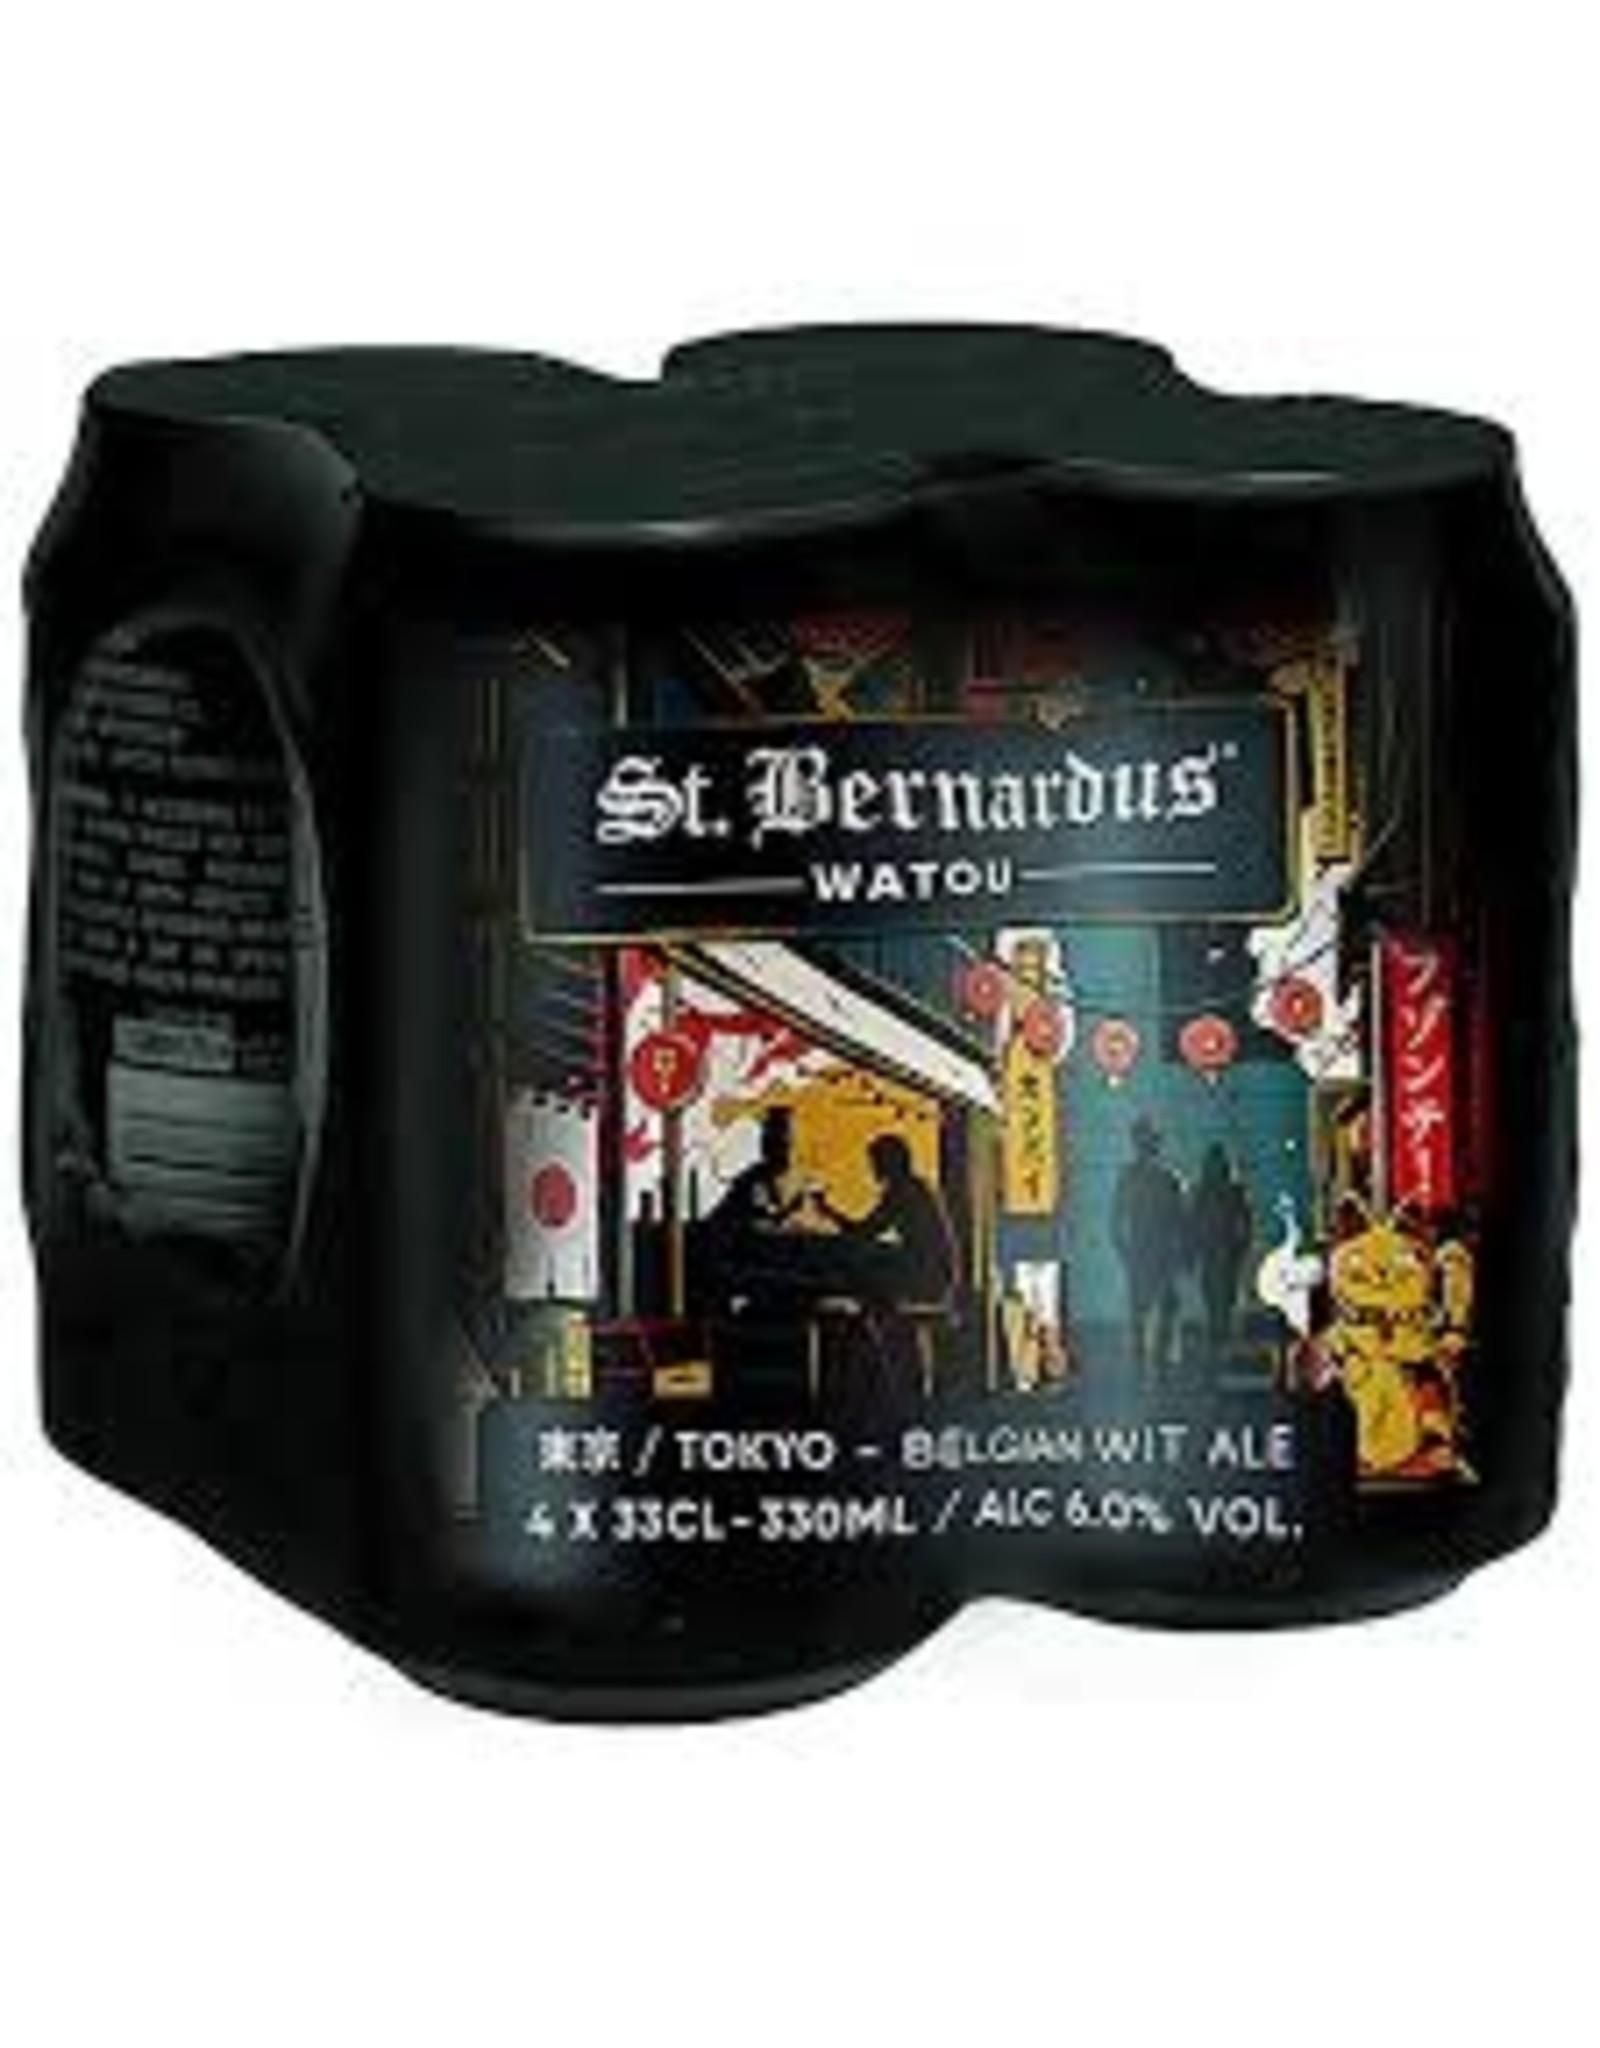 St. Bernadus St. Bernardus Tokyo Wit 4pk can